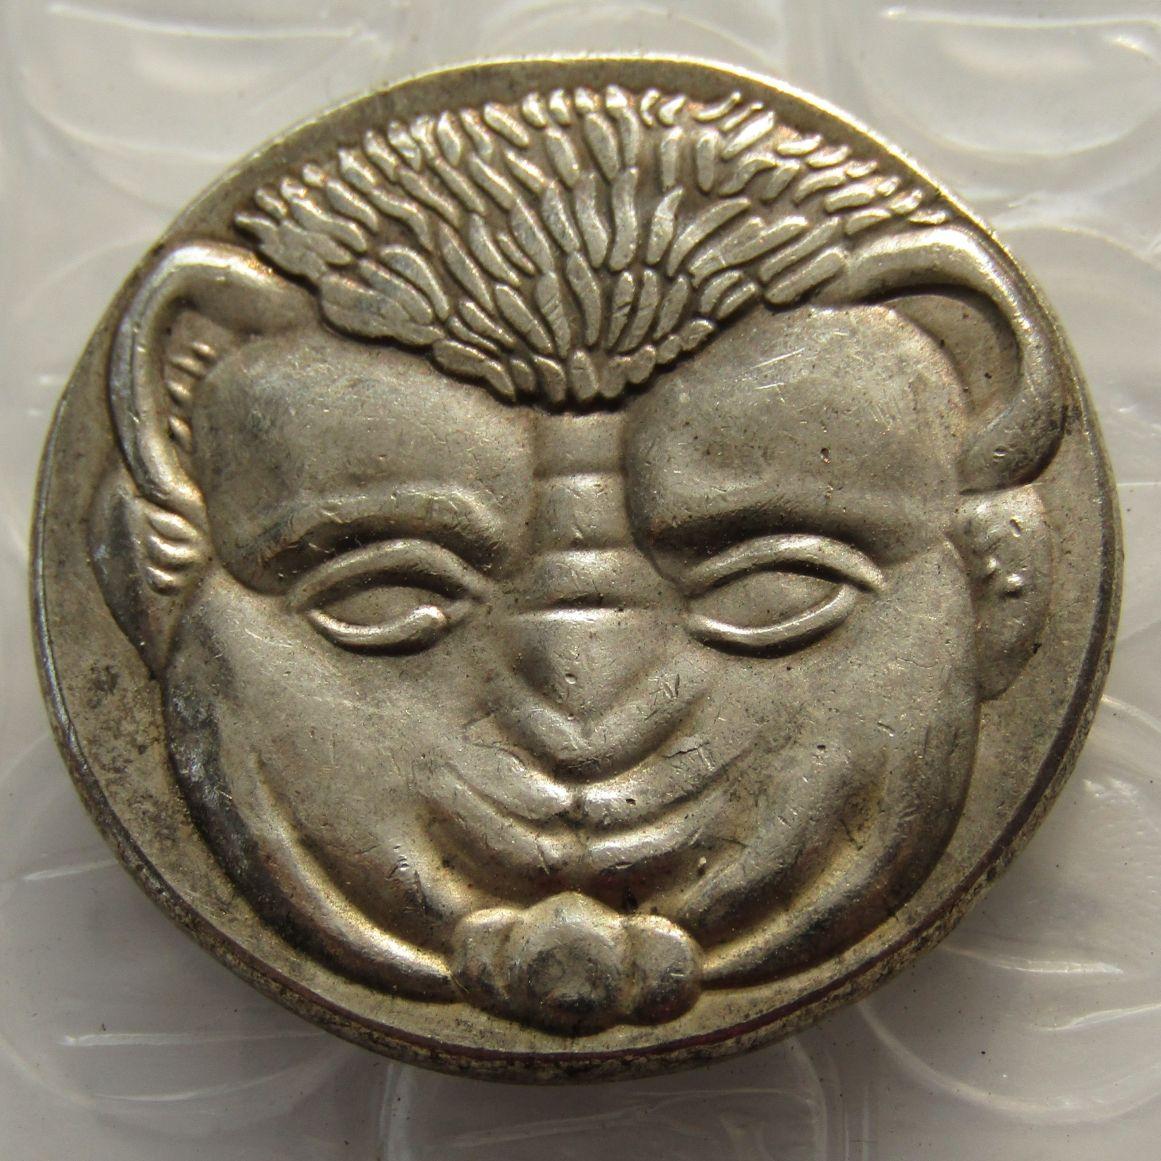 G (32) Repro Ancient Coin Grecia Tetradrachm Bruttium Rhegion Copia Monedas al por mayor